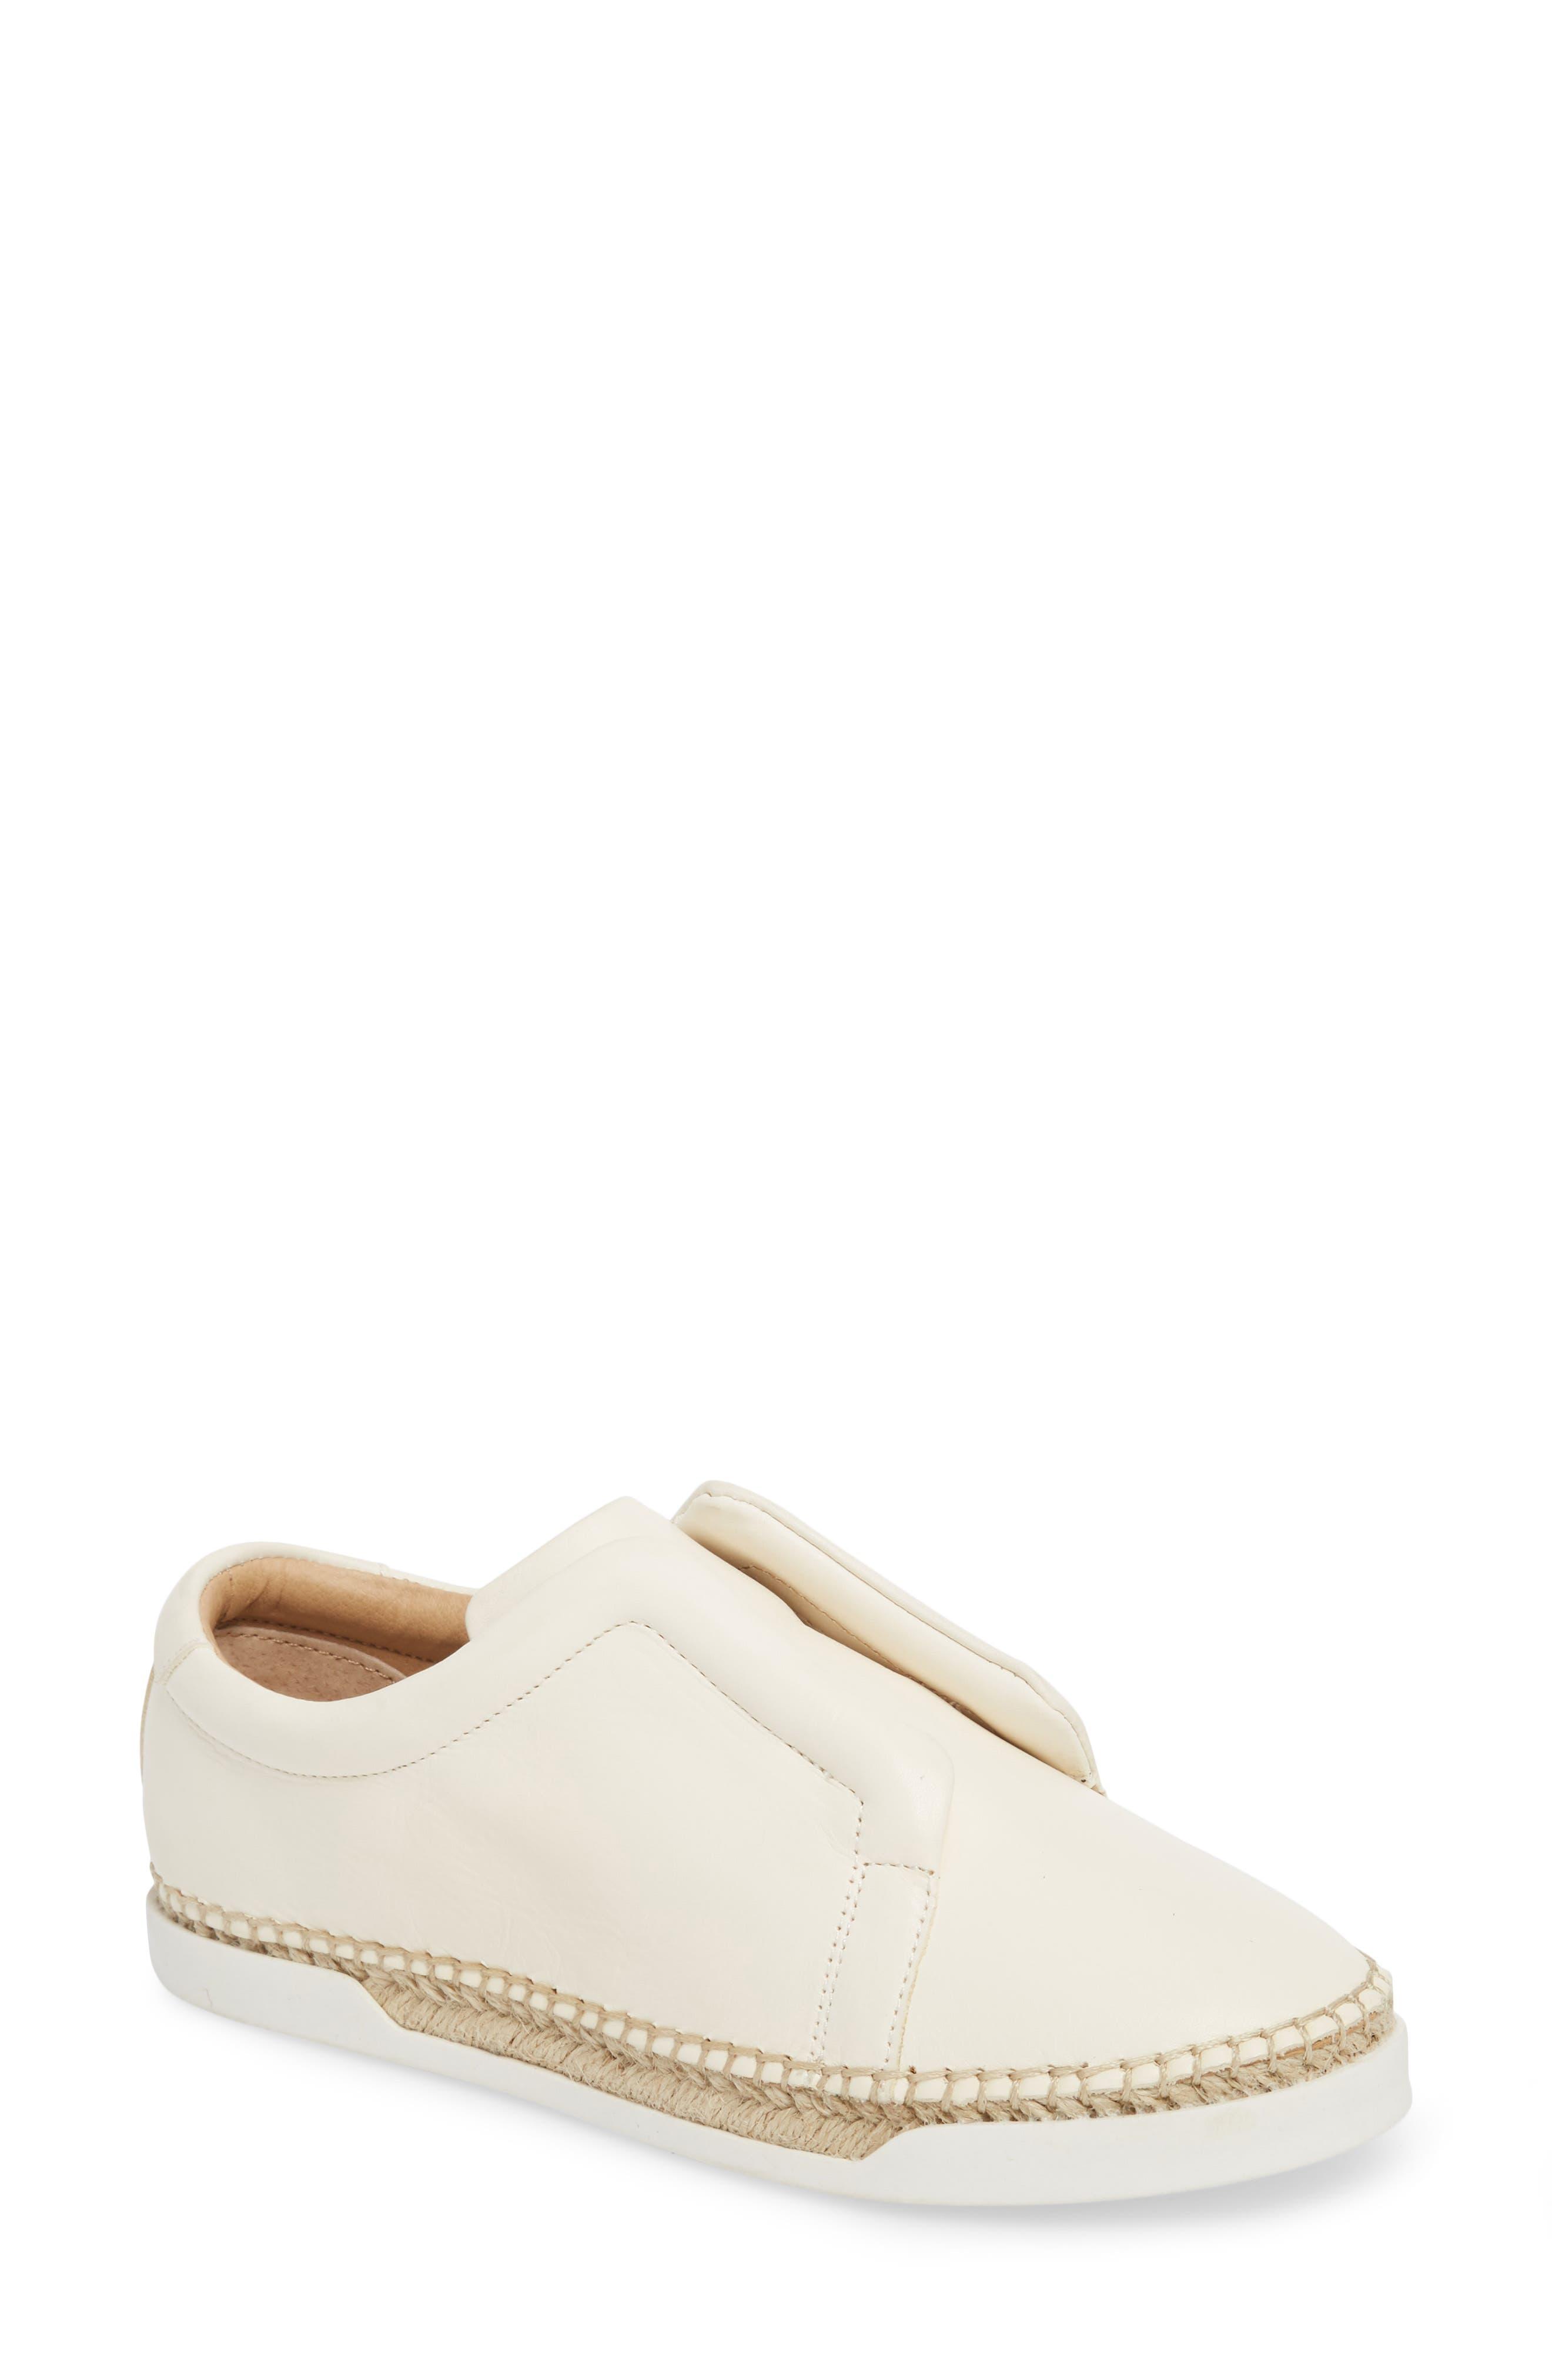 M4D3 Elizabeth Espadrille Slip-On Sneaker- White